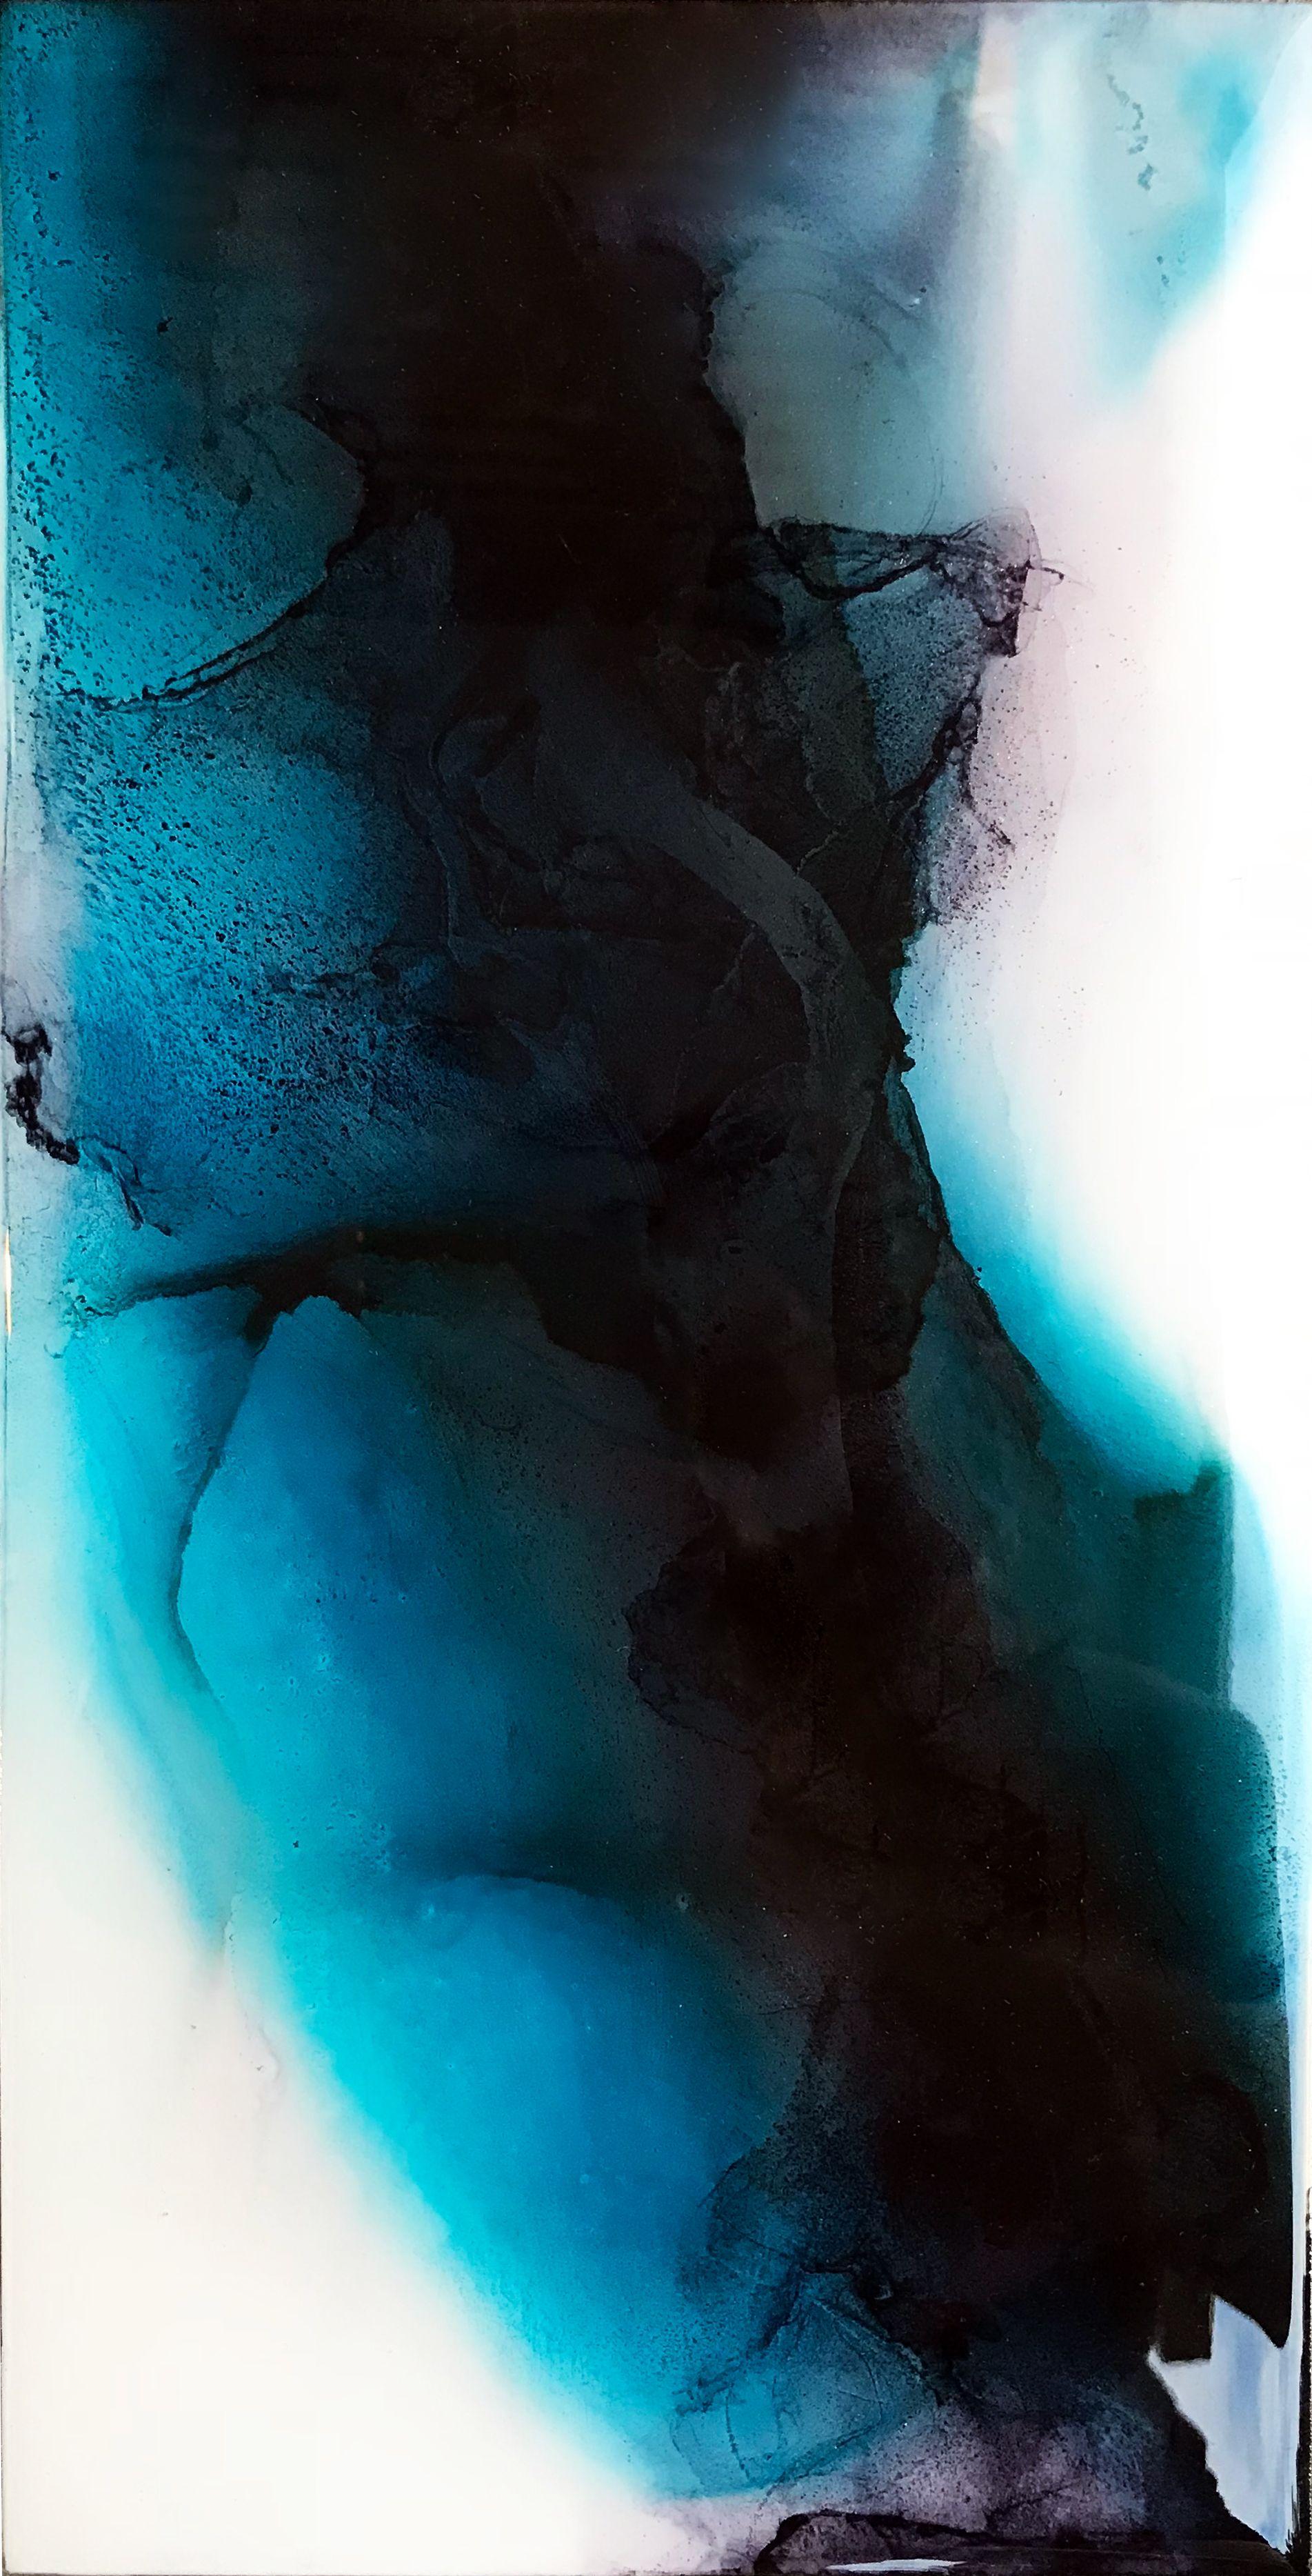 Large Abstract Art Living Room Art Minimalist Art Large Etsy Abstract Painting Abstract Minimal Painting Abstract blue ink liquid paint dark